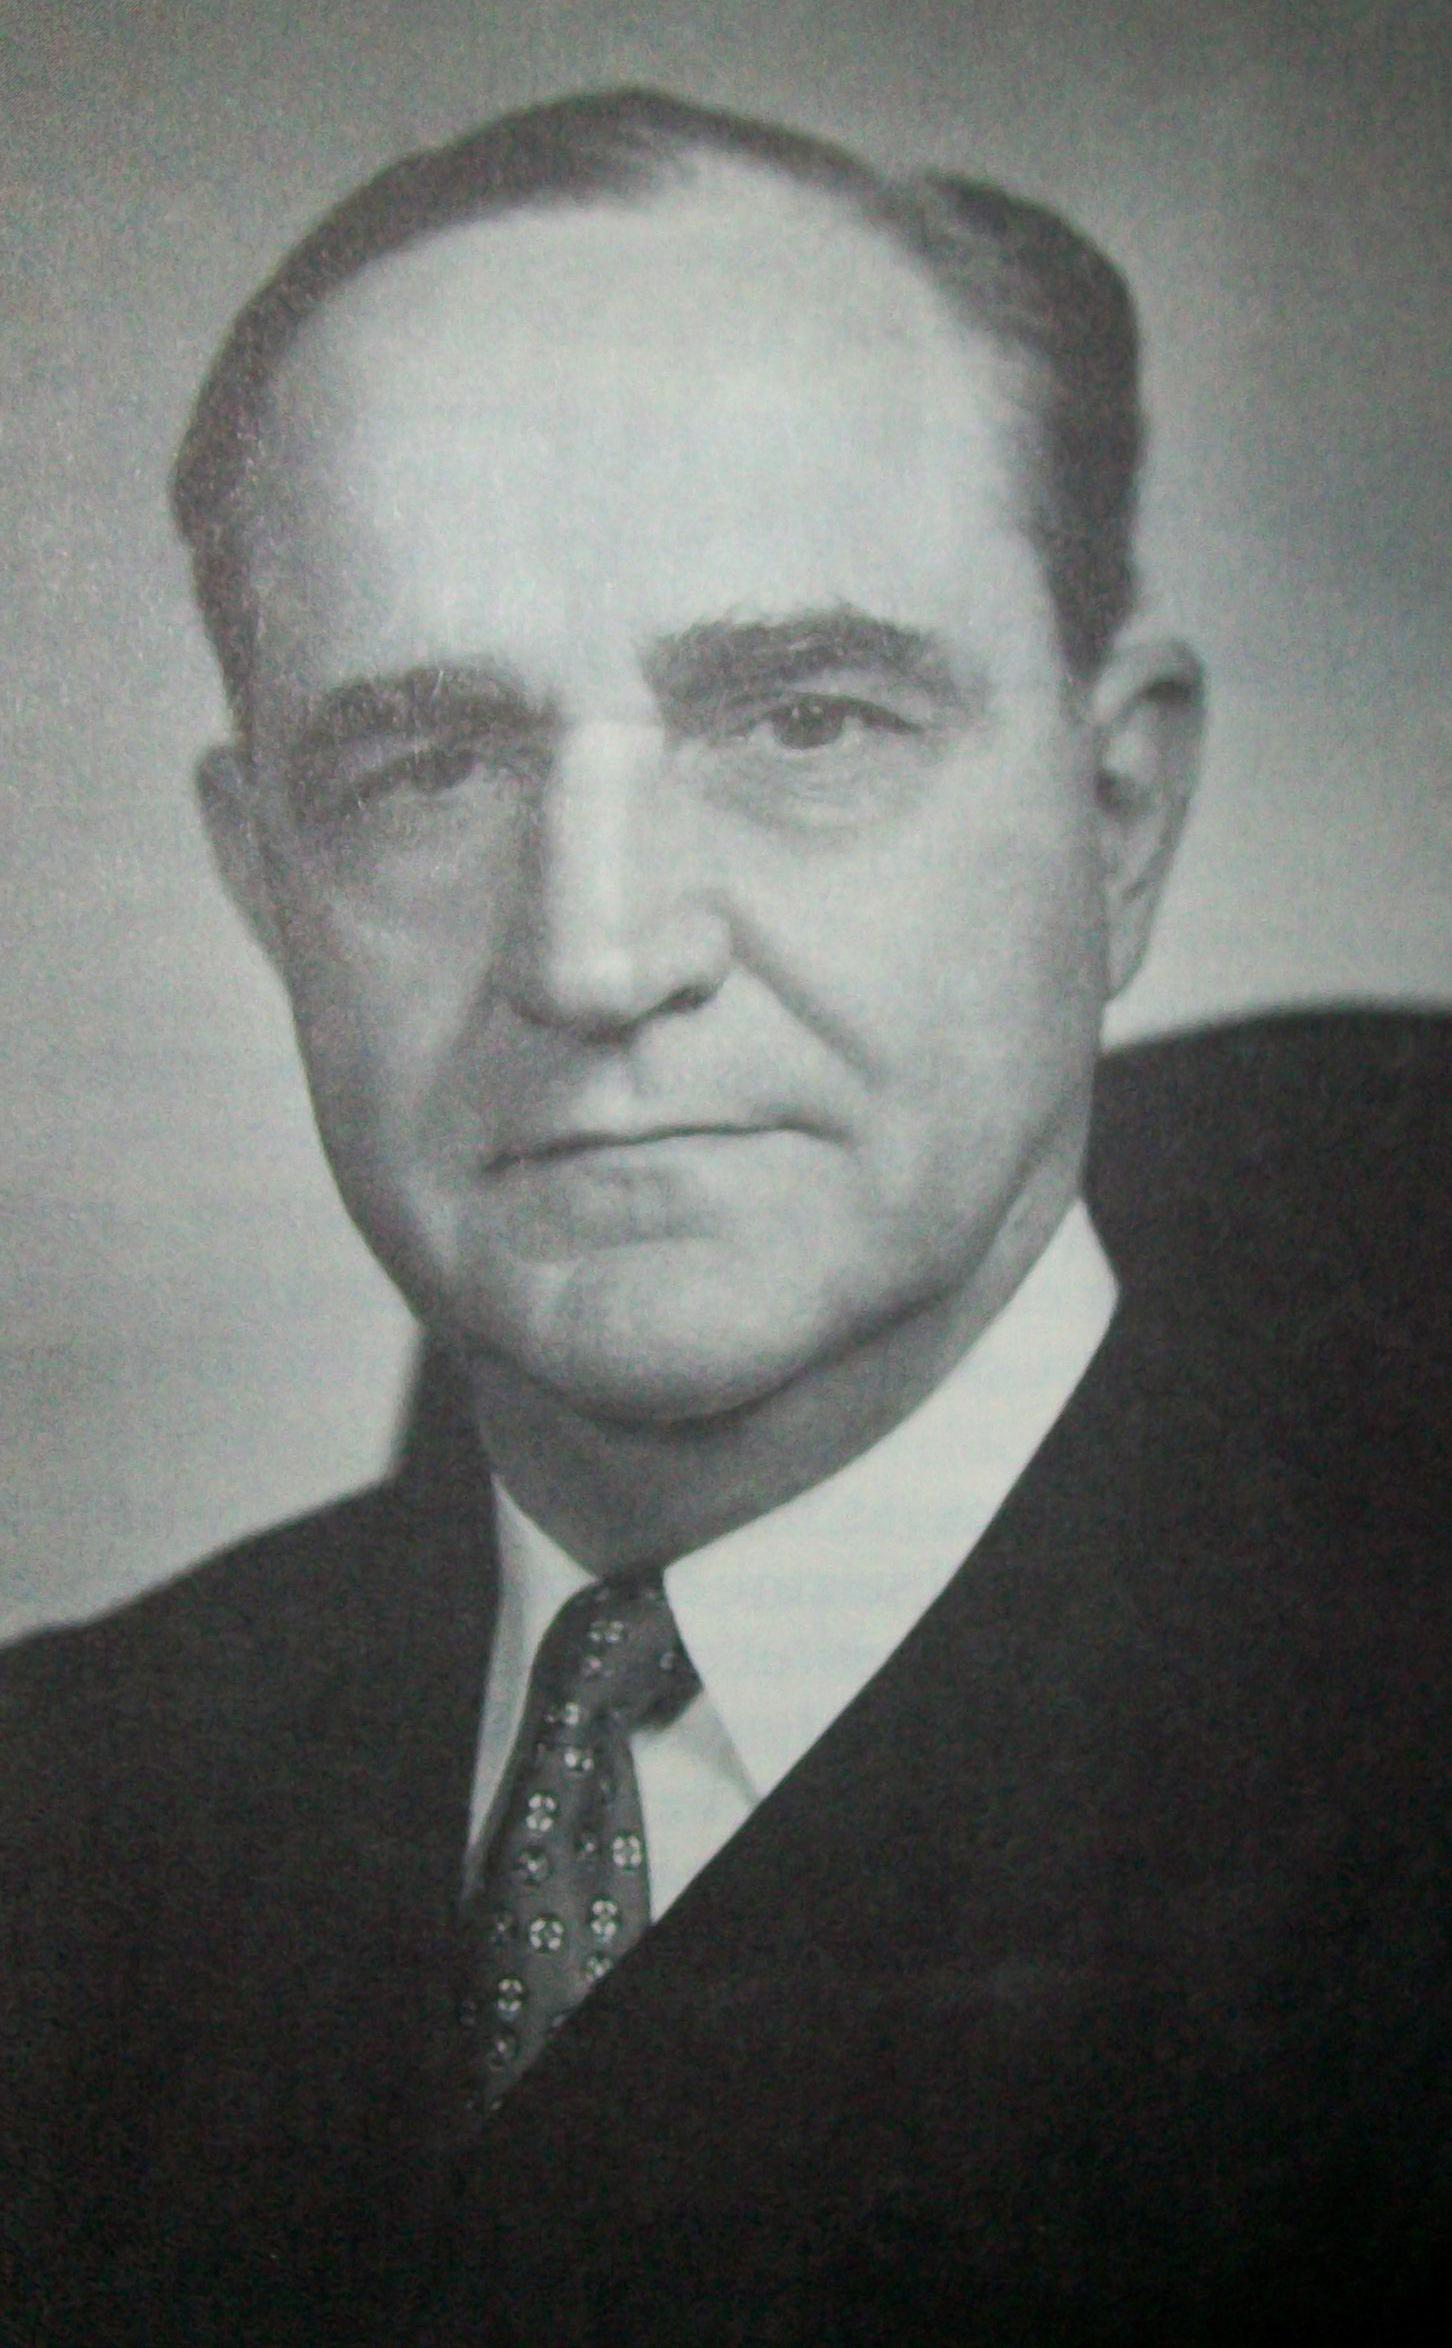 Photograph of Sherman Minton